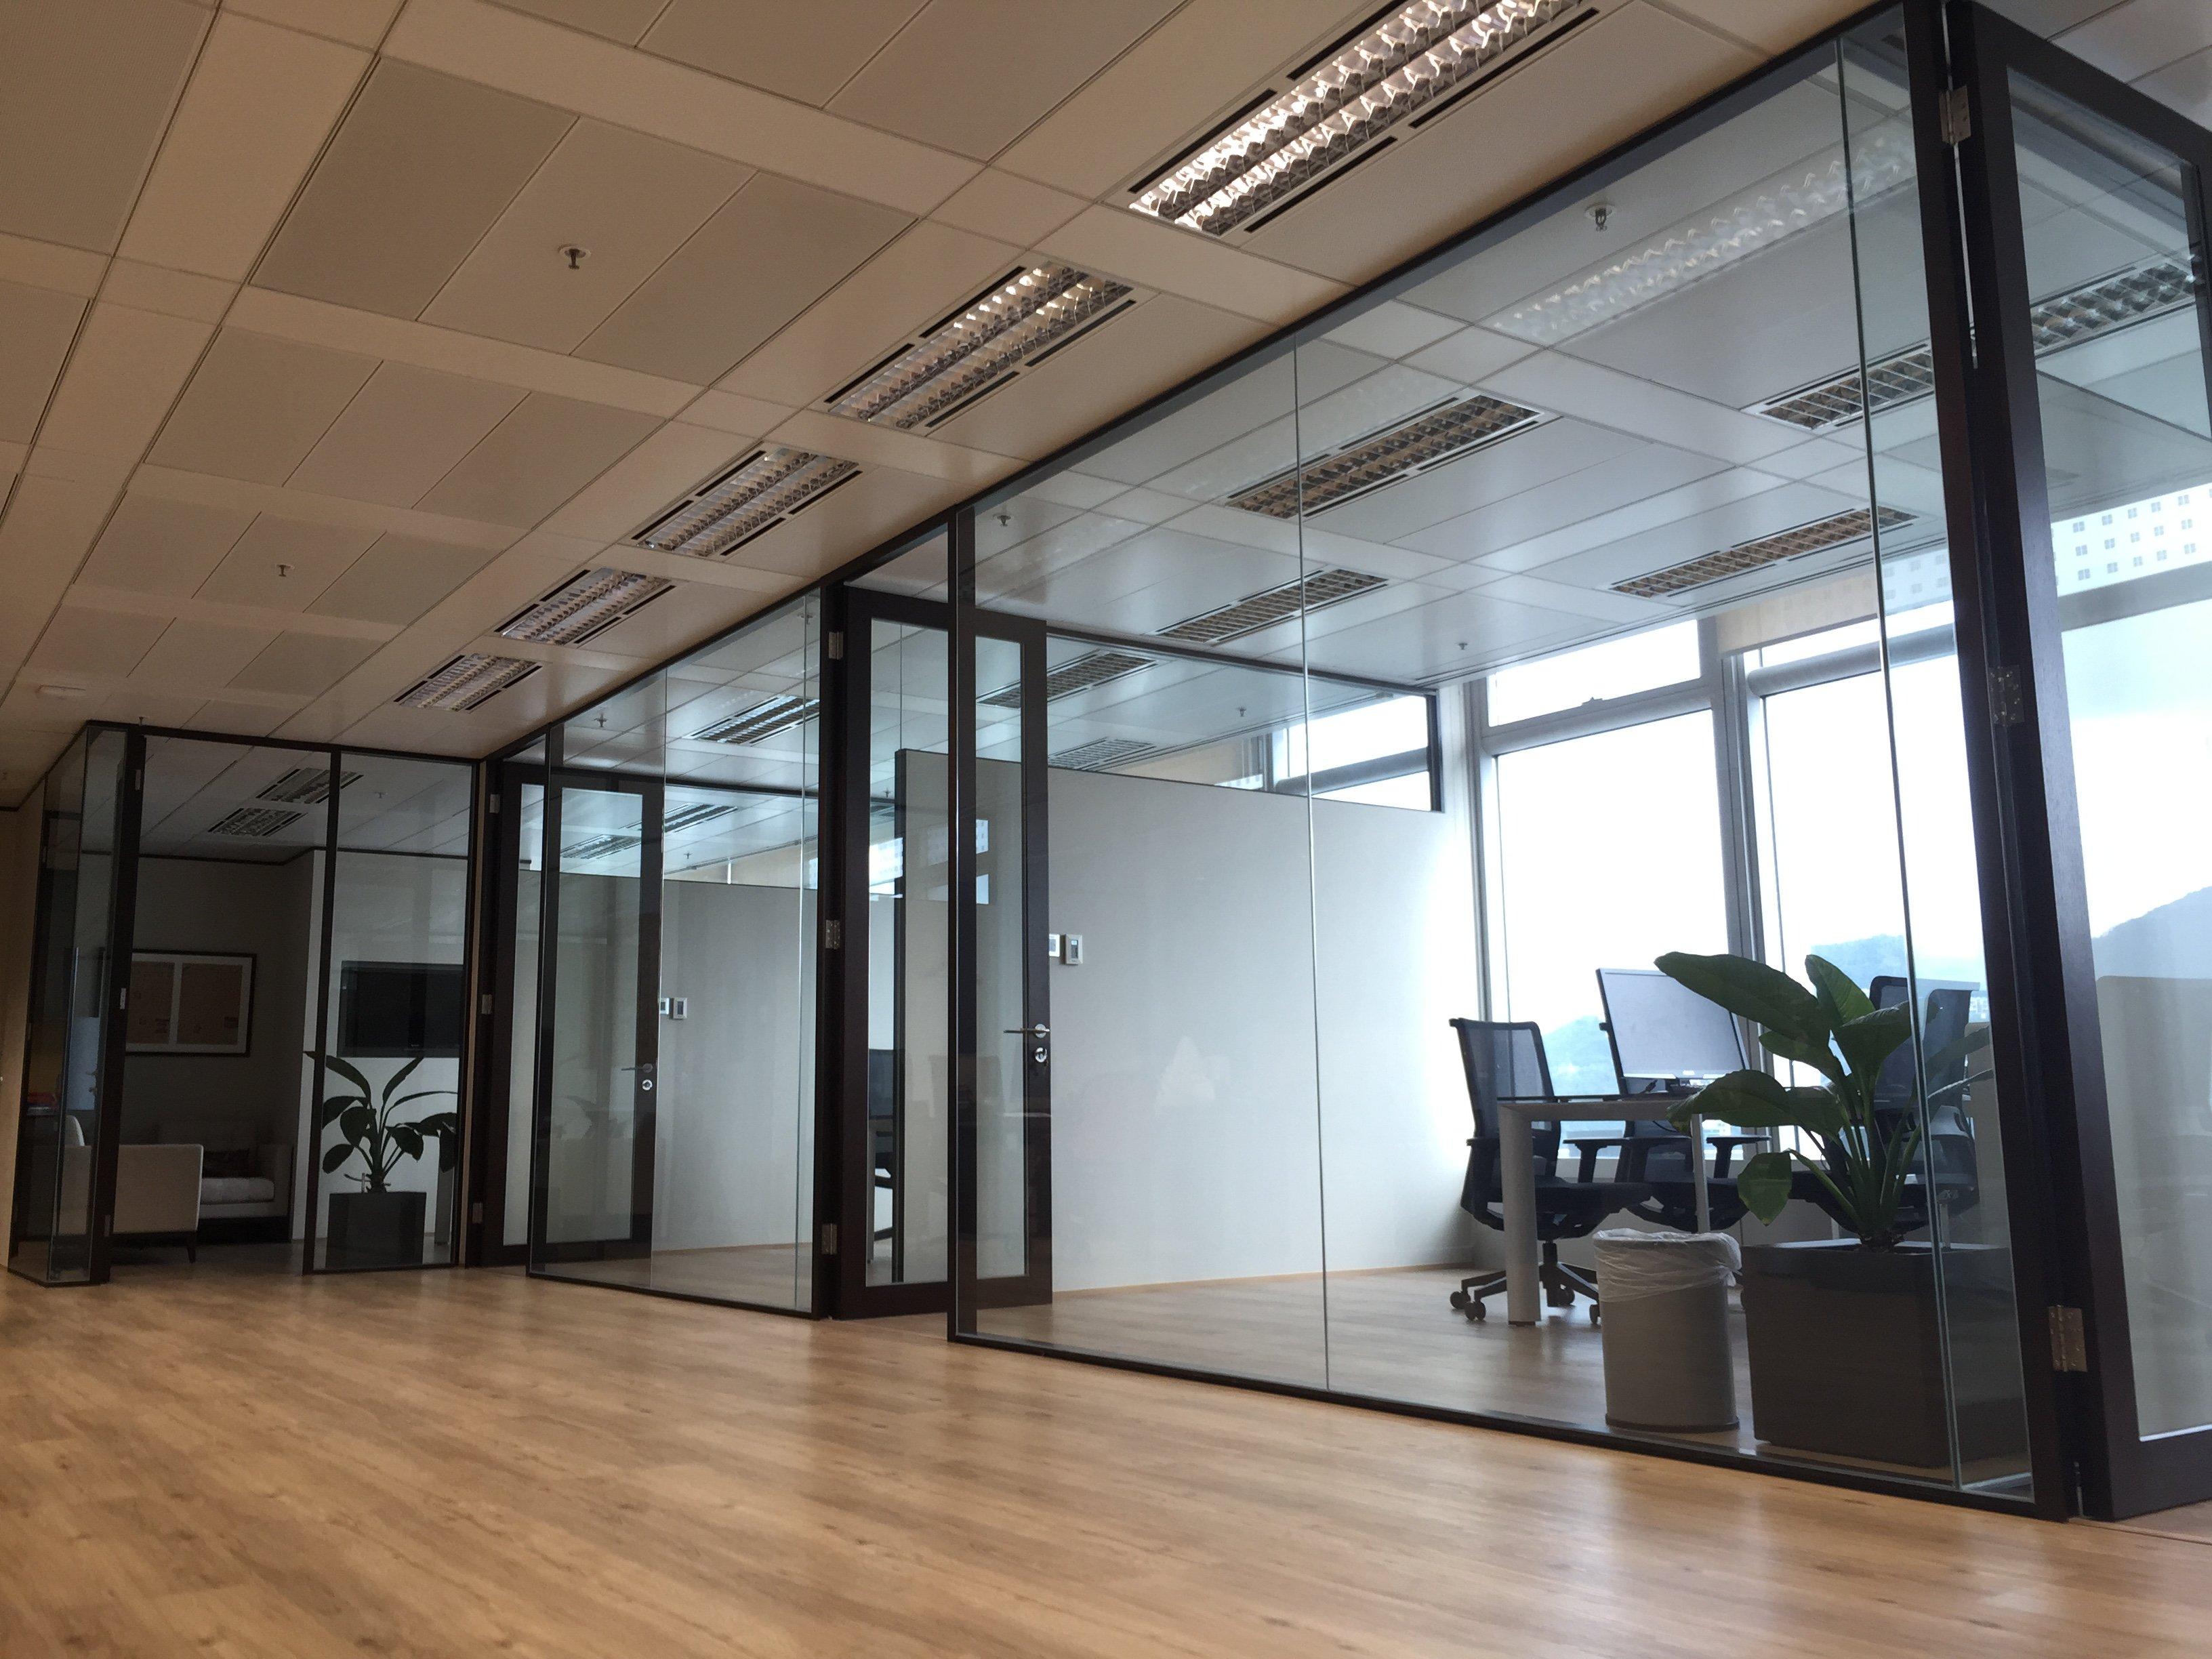 湖南浩安公装公司装修设计资讯知识长沙的联合创业办公社如何设计更符合创客创业